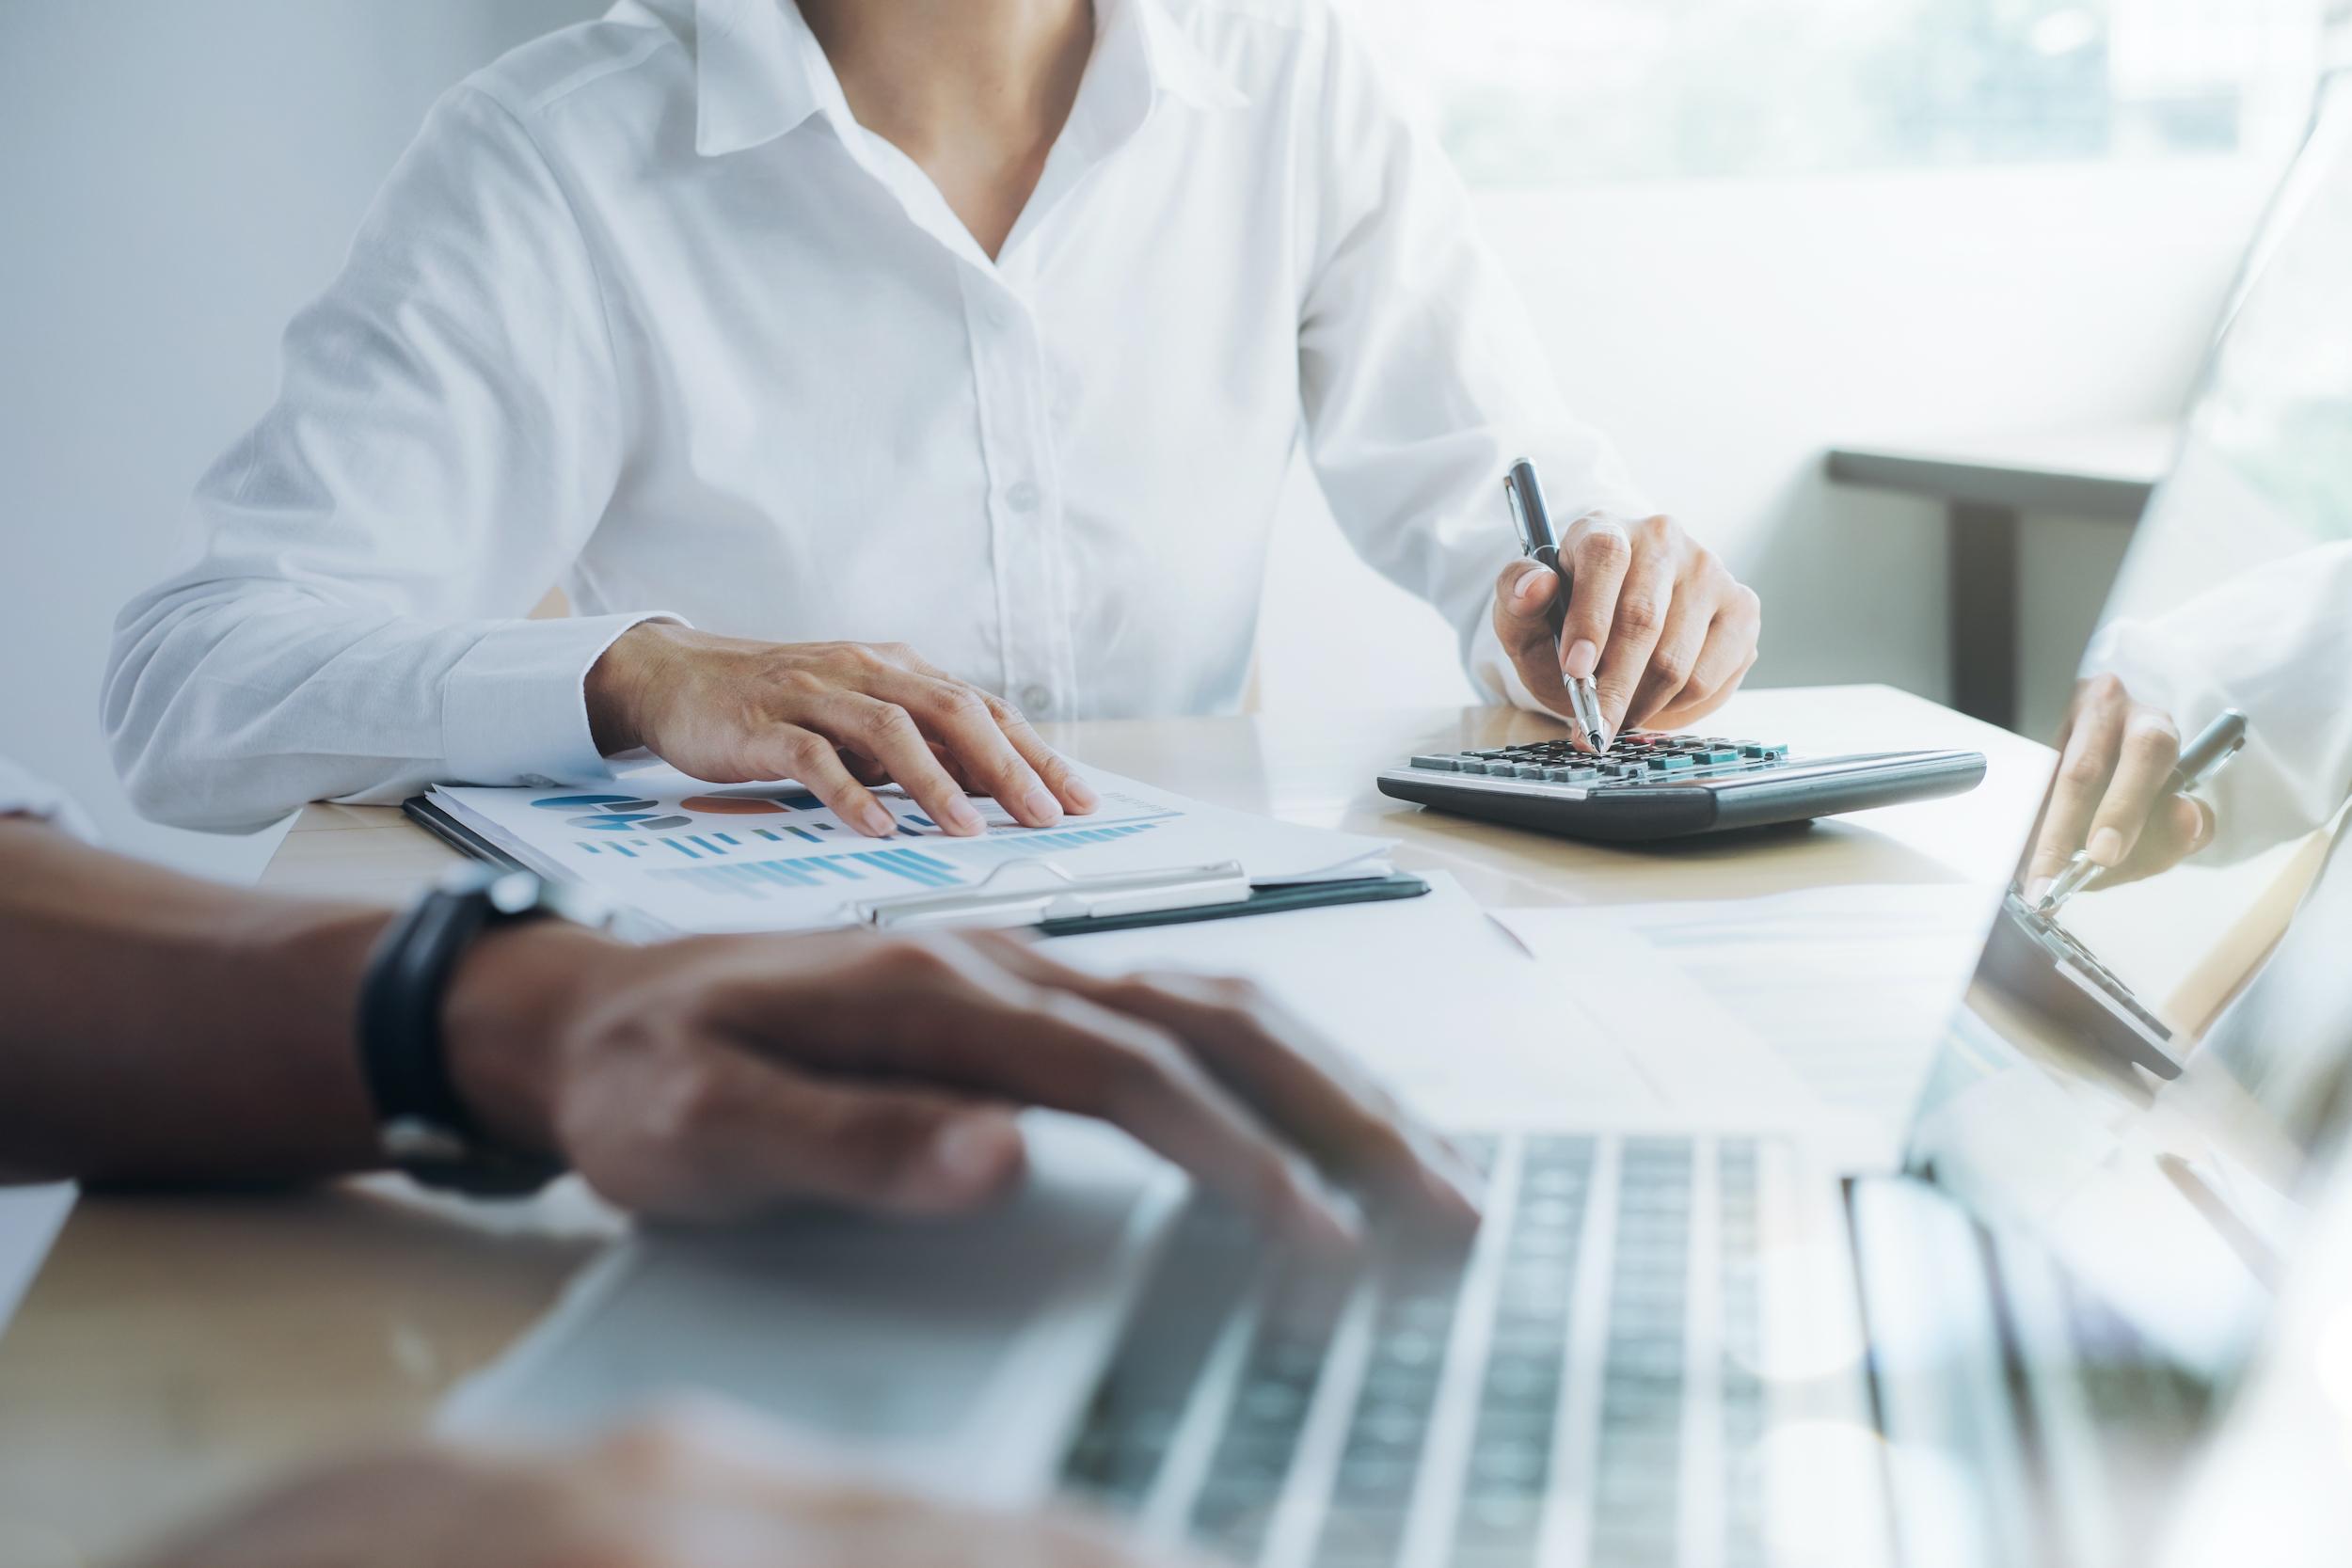 Mains d'hommes travaillant sur un bureau avec un ordinateur et une calculette